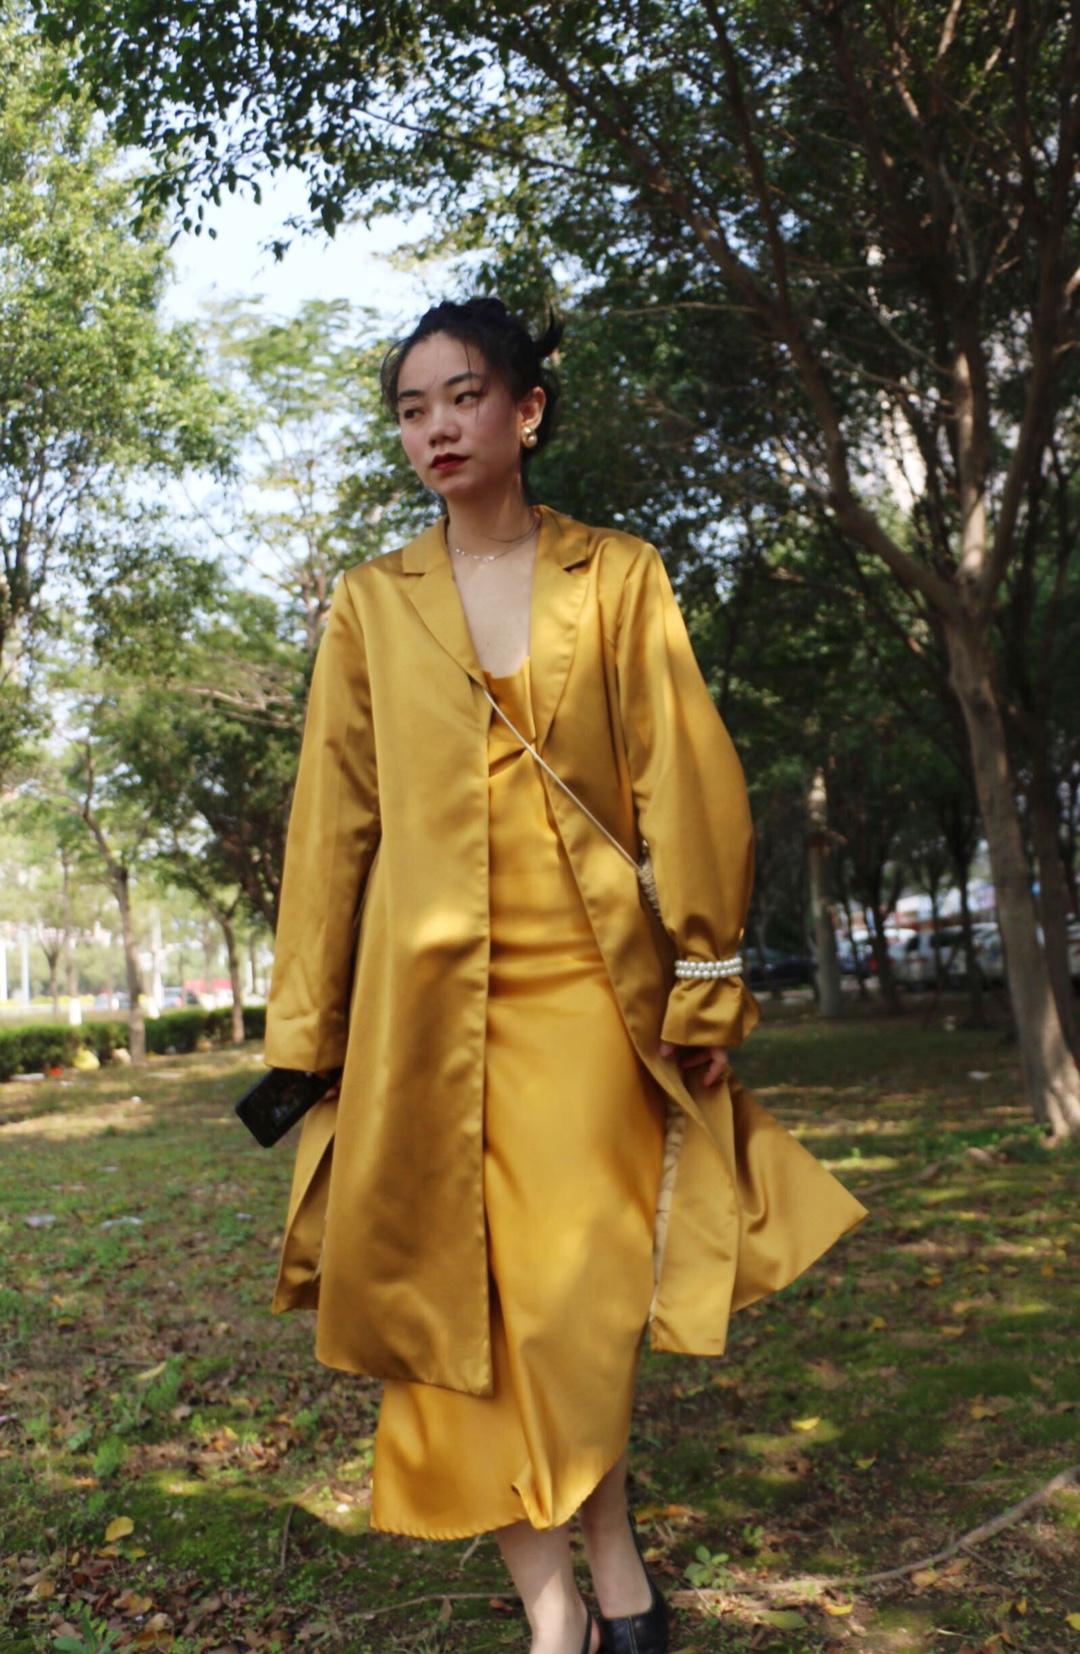 #春天色彩感和阳光很衬!# 明黃色緞帶吊帶裙+同樣材質的刺繡外套。 讓整套搭配都充滿陽光 事實上緞帶材質的明黃色對黃皮十分友好 膚色顯白。因為顏色是非常亮的,所以同一色系更能凸顯出質感。